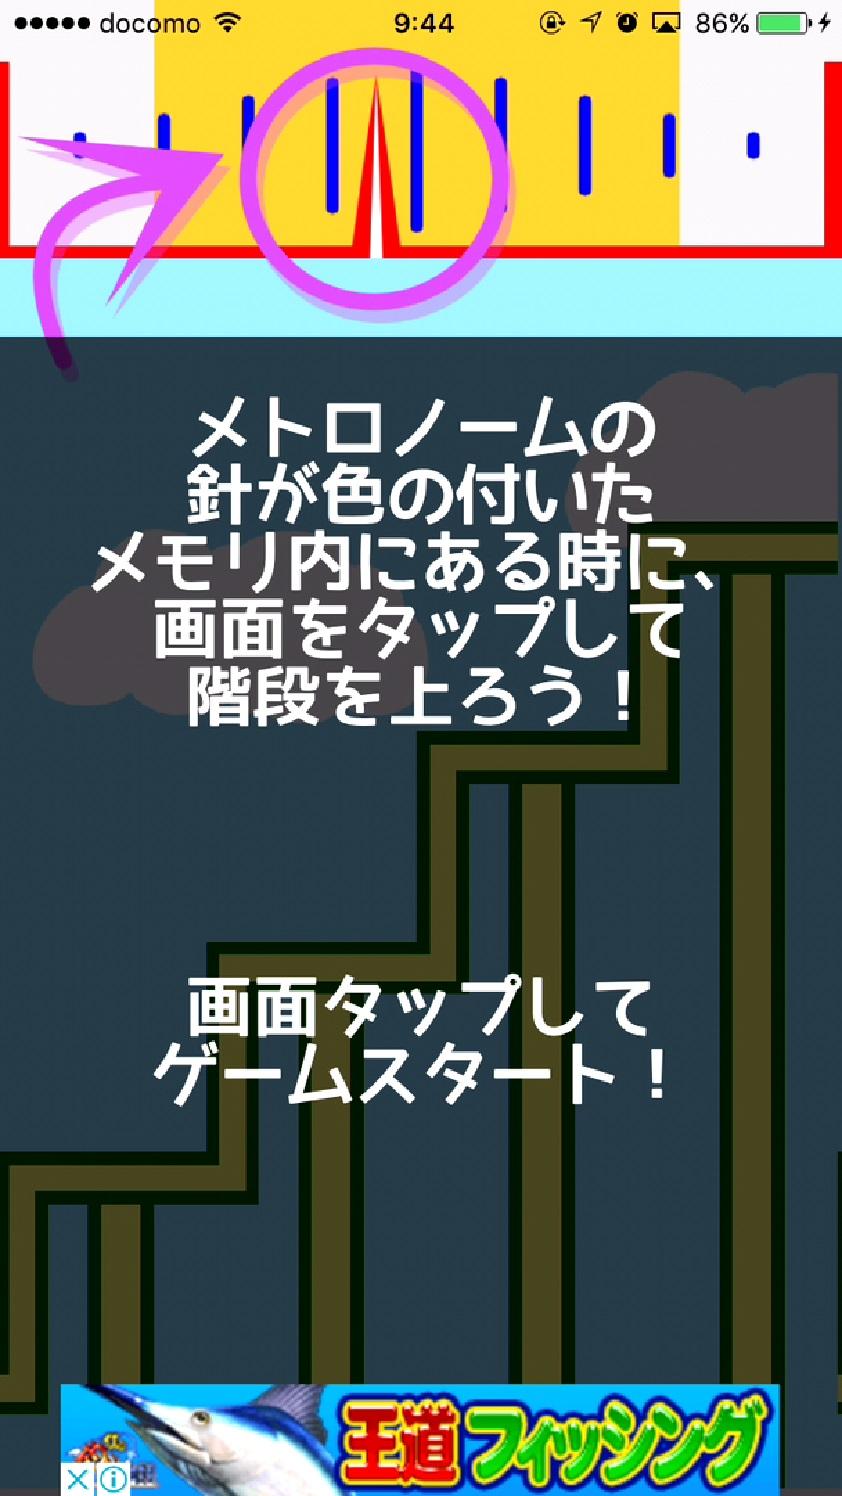 androidアプリ 階段踏み外したら死亡-棒人間の進撃攻略スクリーンショット2